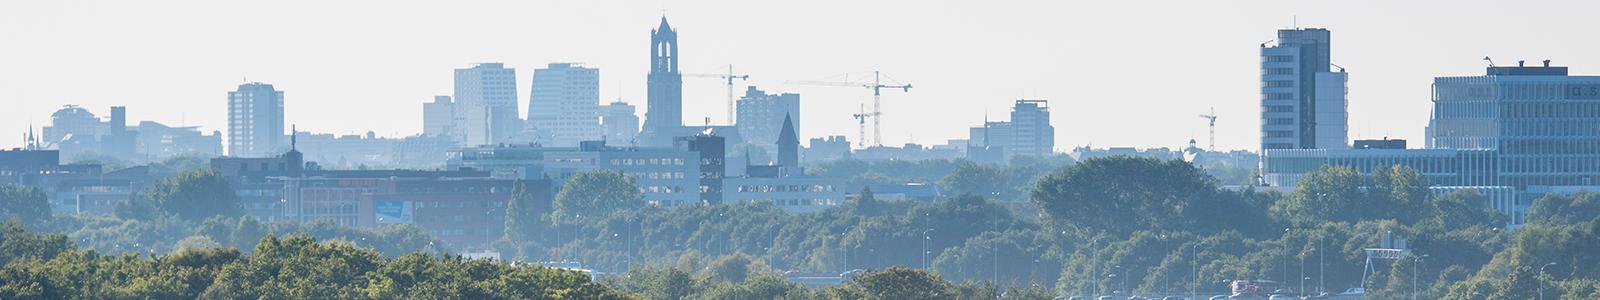 De skyline van Utrecht.